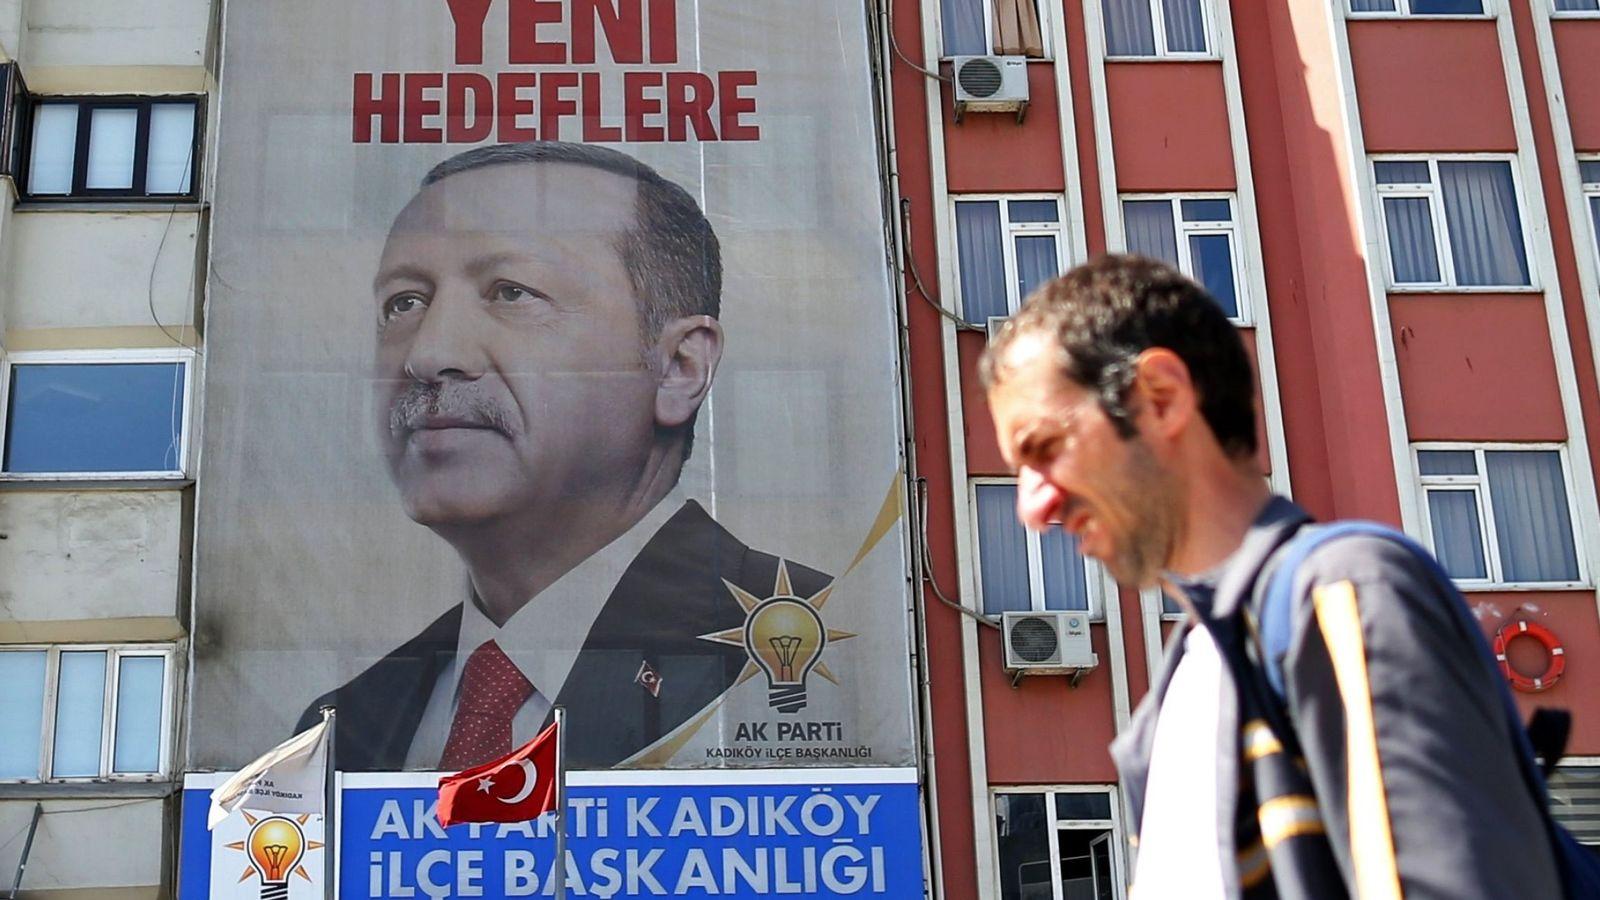 Foto: Un ciudadano pasa junto a un cartel gigante del presidente Recep Tayyip Erdogan en Estambul, el 19 de abril de 2018. (EFE)